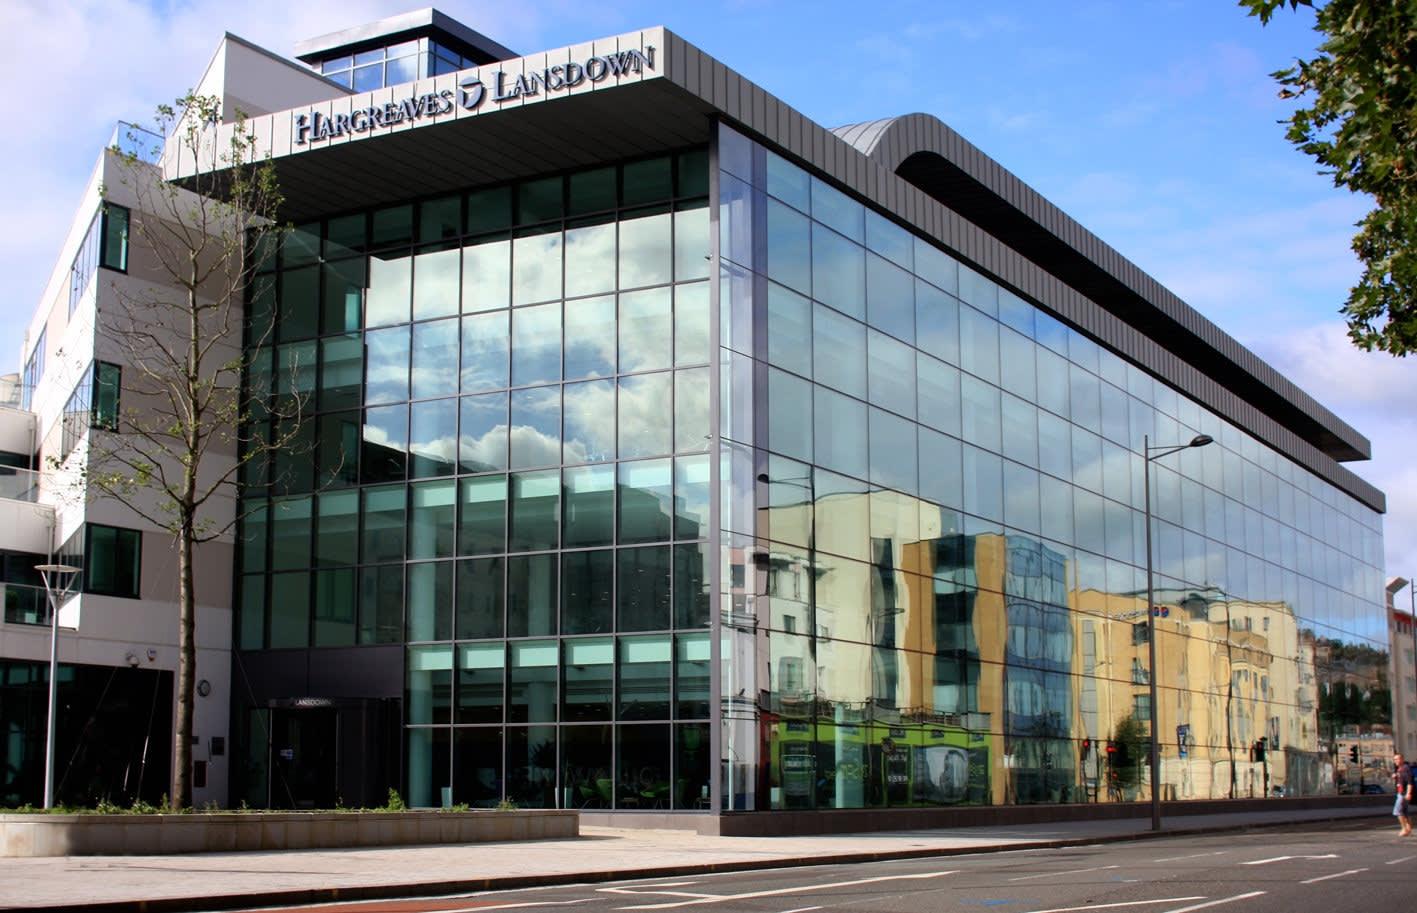 Hargreaves bosses waive bonus amid Woodford saga